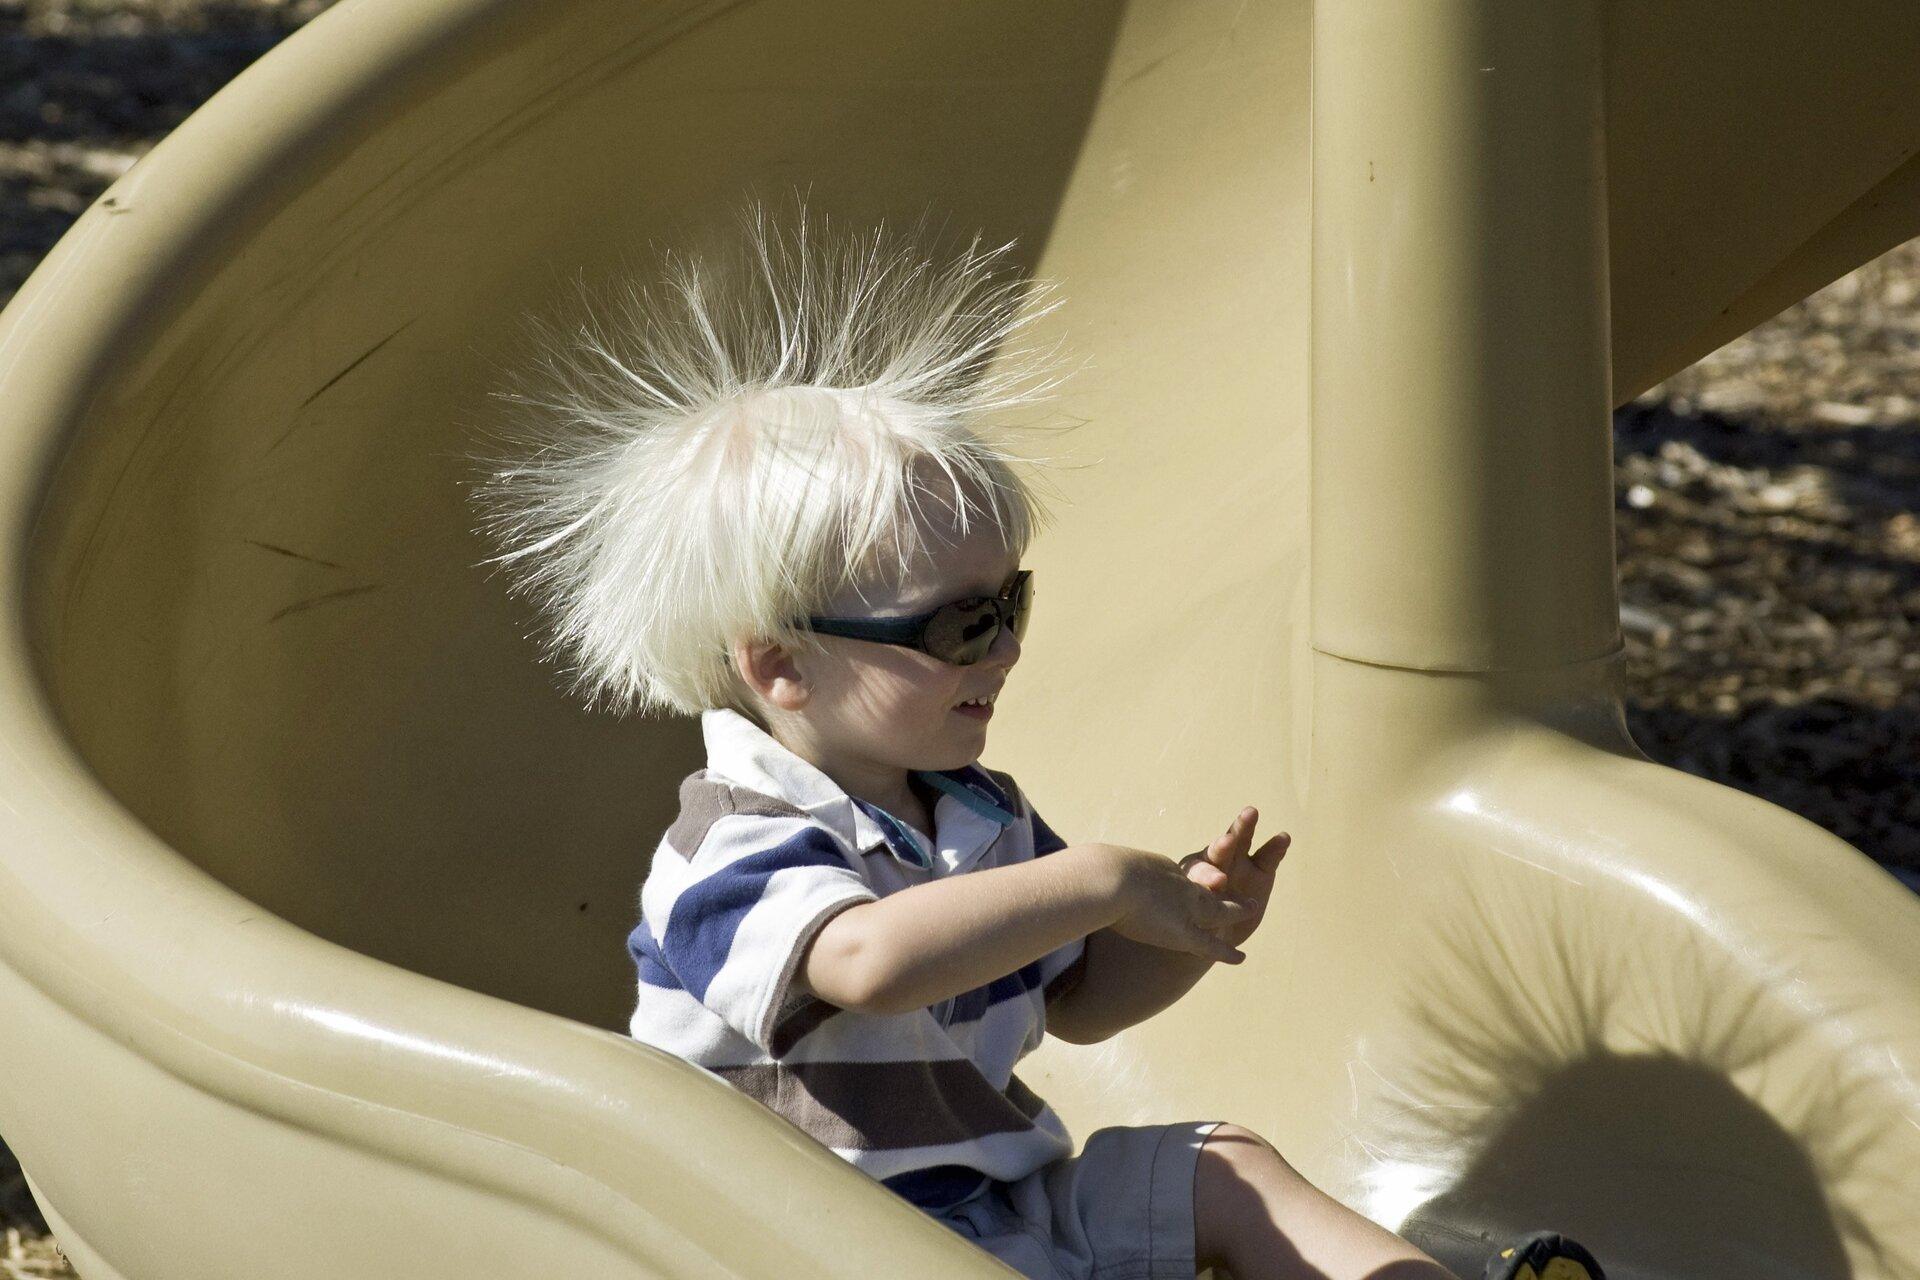 Zdjęcie przedstawia dziecko zjeżdżające po plastikowej zjeżdżalni rynnowej wkolorze kremowym. Chłopiec ma około pięć lat, jasne włosy iletnie ubranie. Krótkie włosy, bardzo mocno naelektryzowane sterczą mu na wszystkie strony.